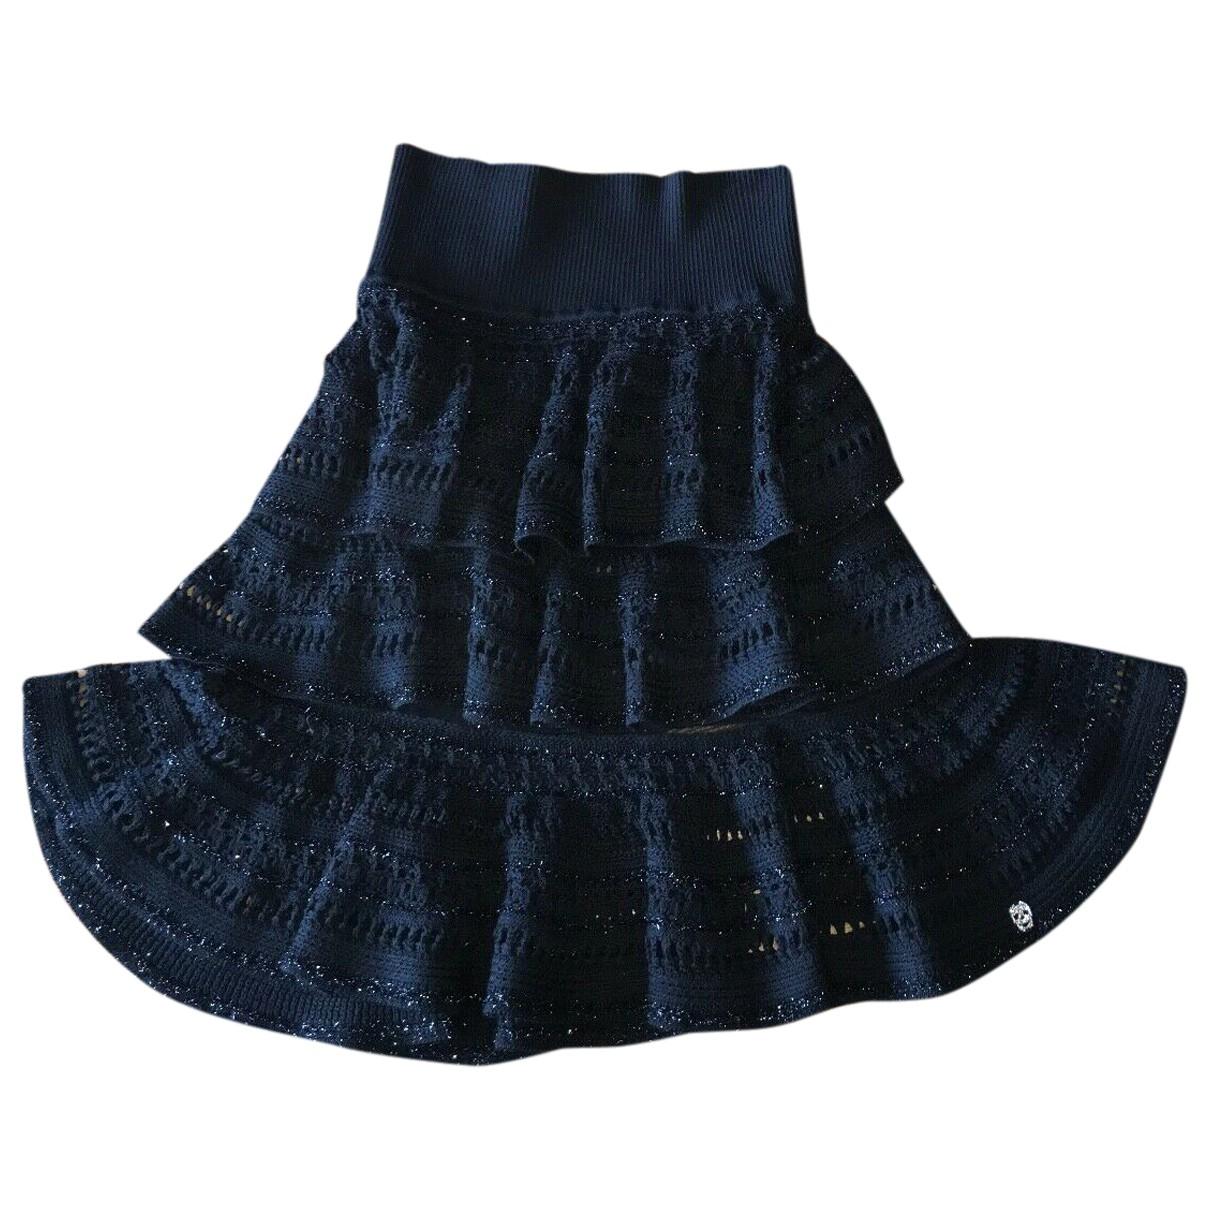 Philipp Plein \N Black Wool skirt for Women S International